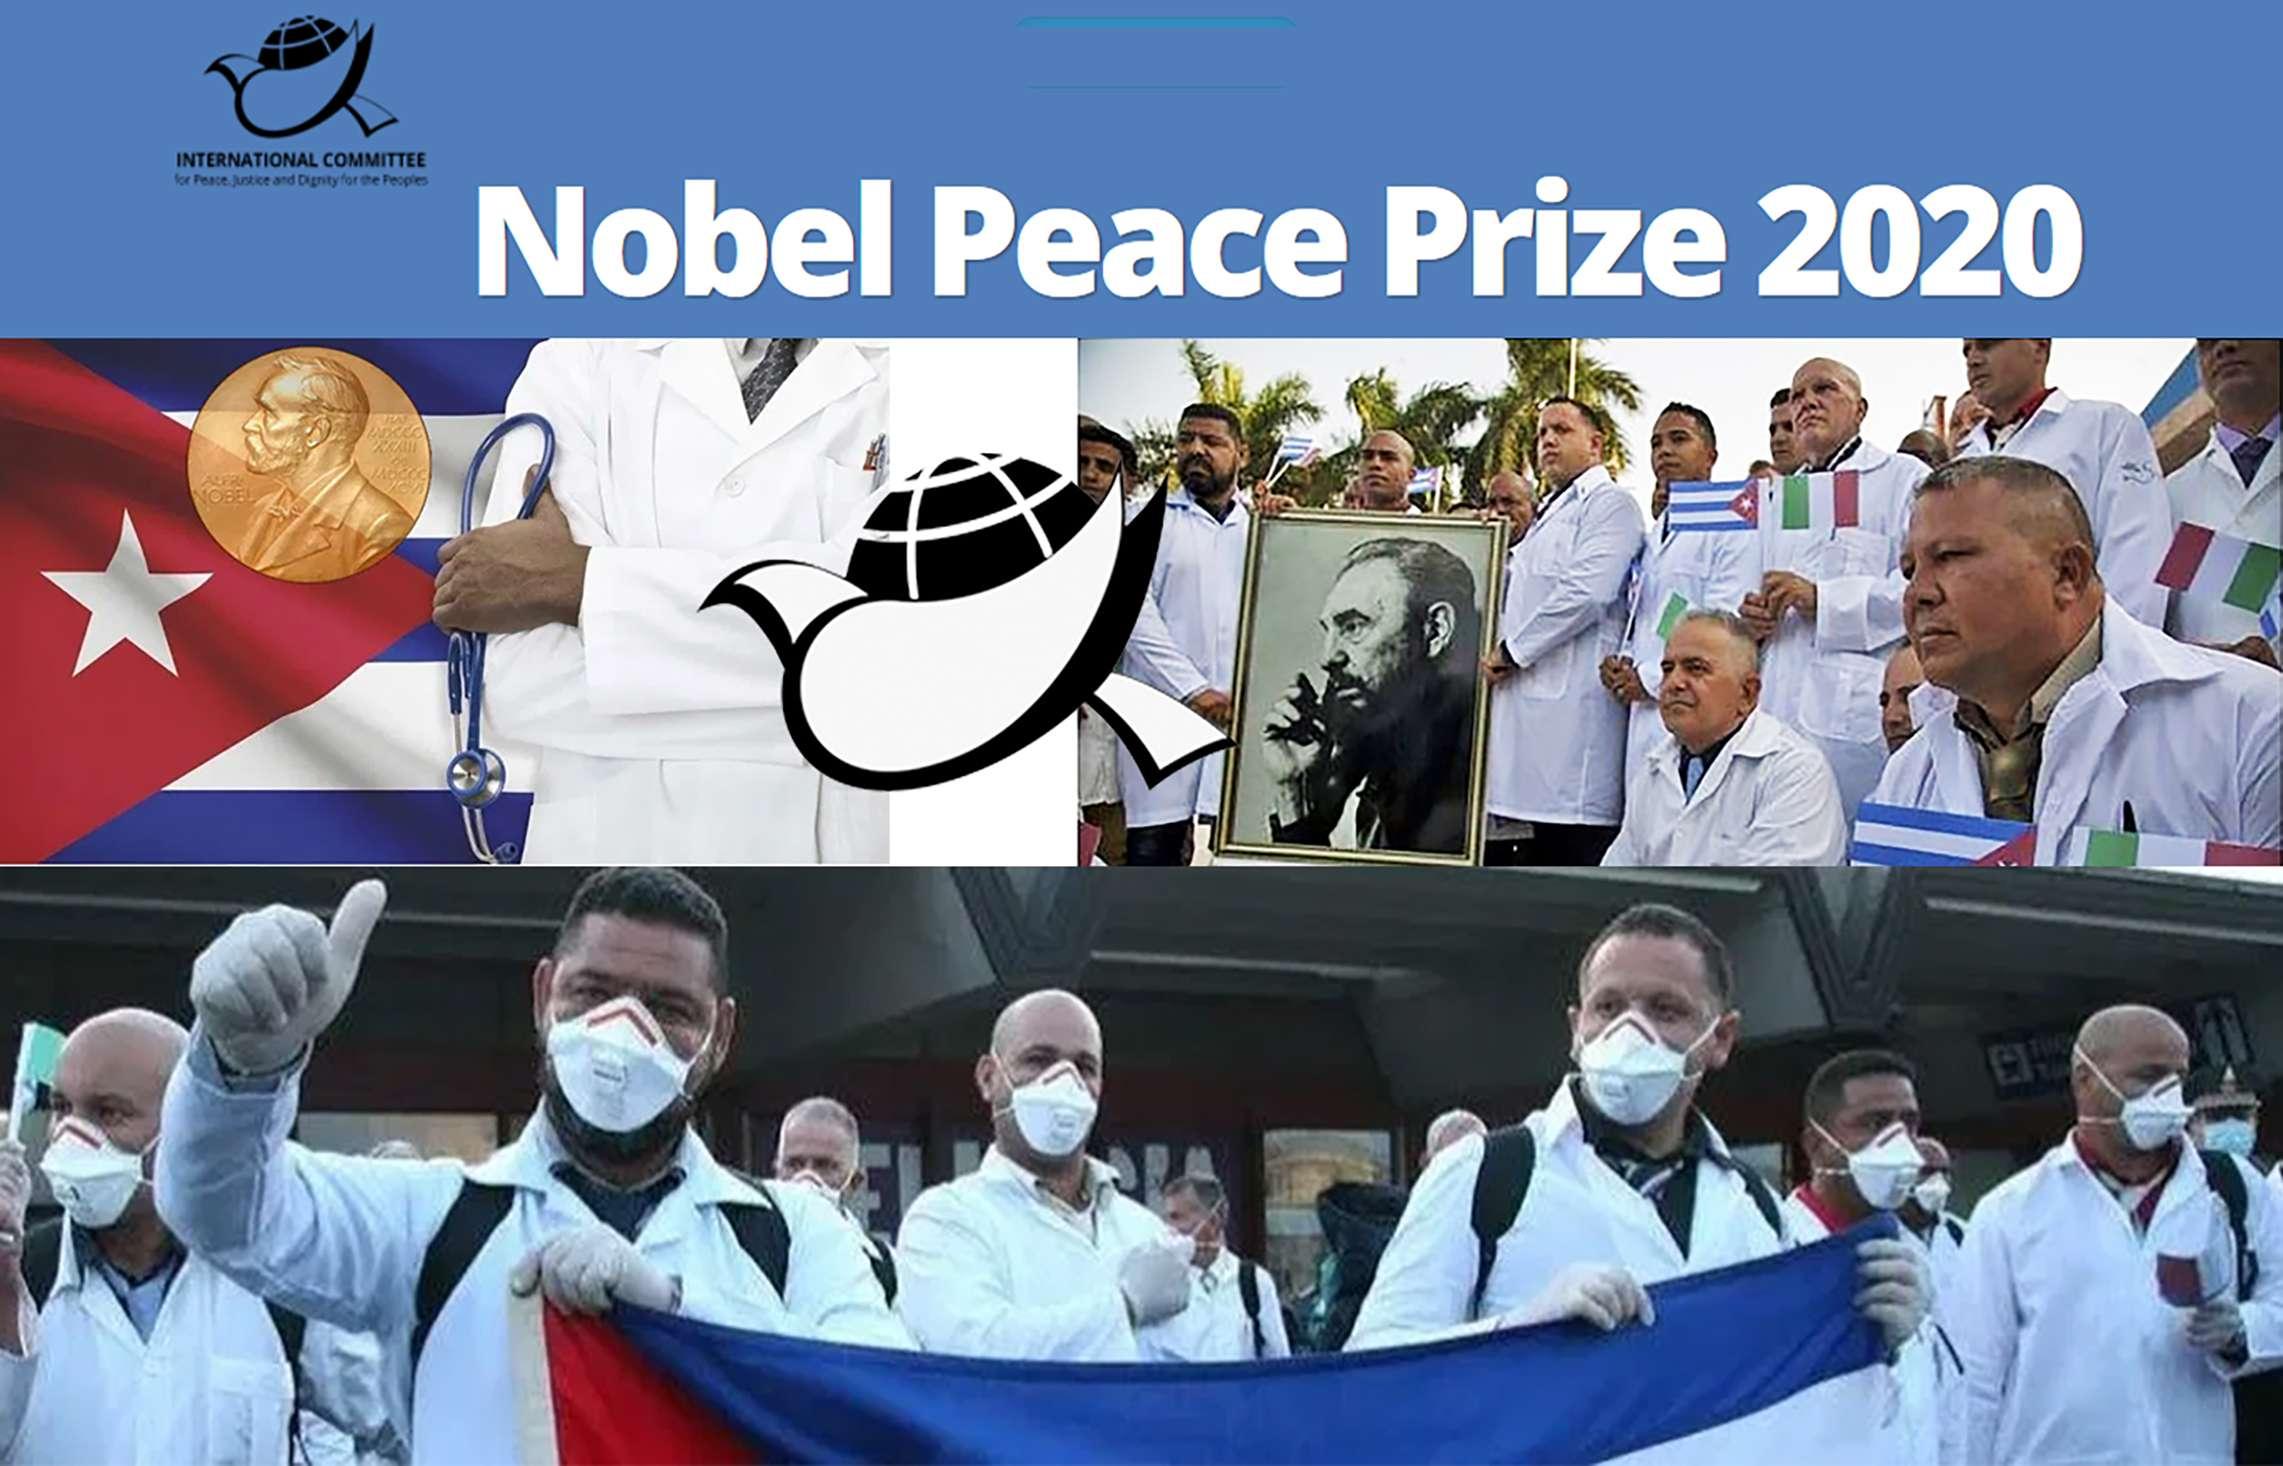 ιατρικές ταξιαρχίες Υποψηφιότητα για το βραβείο Νόμπελ Ειρήνης 2020